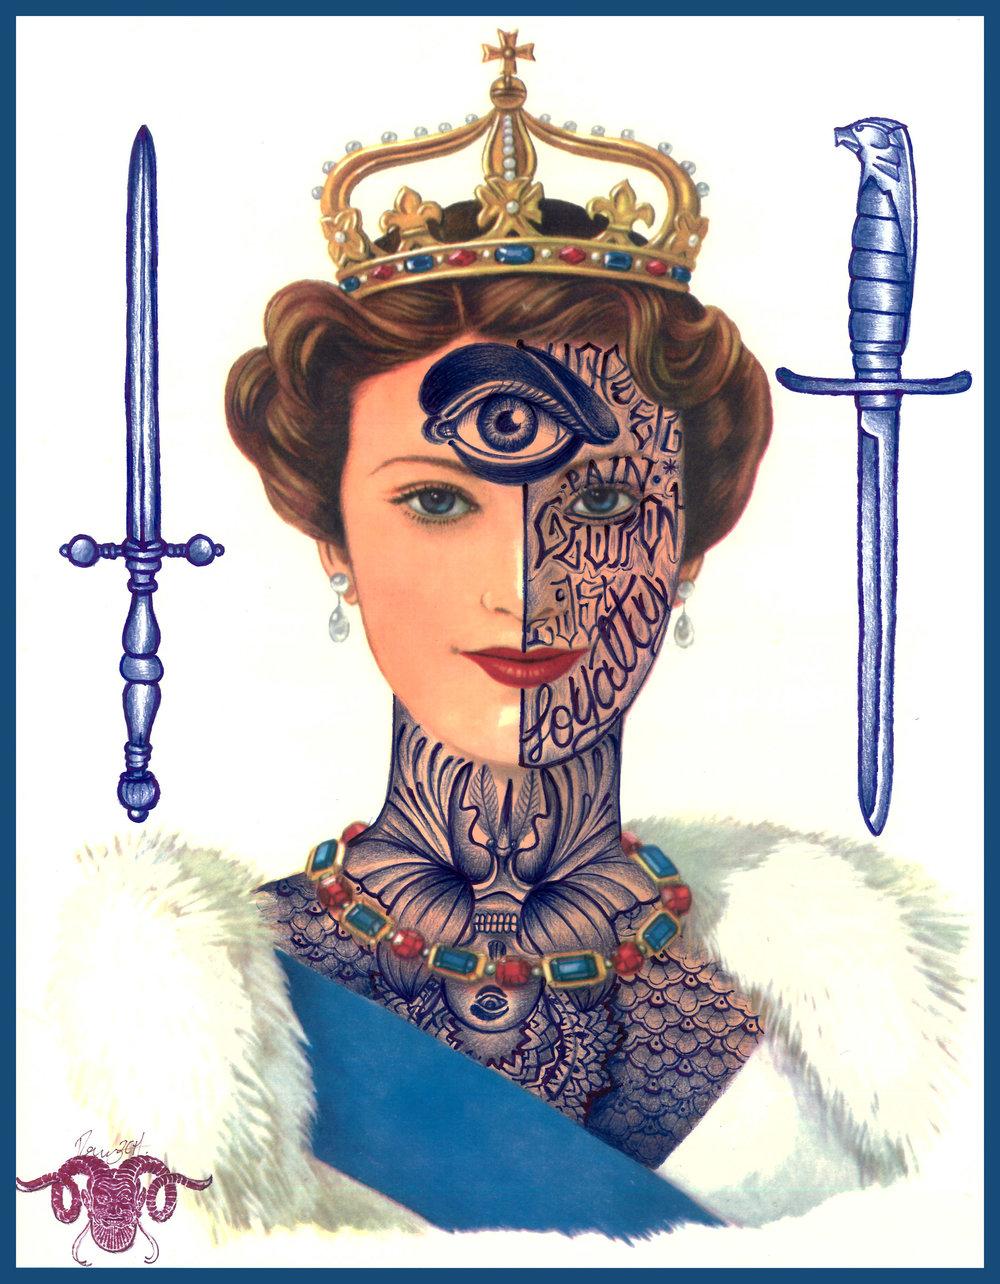 La reina de espadas.jpg